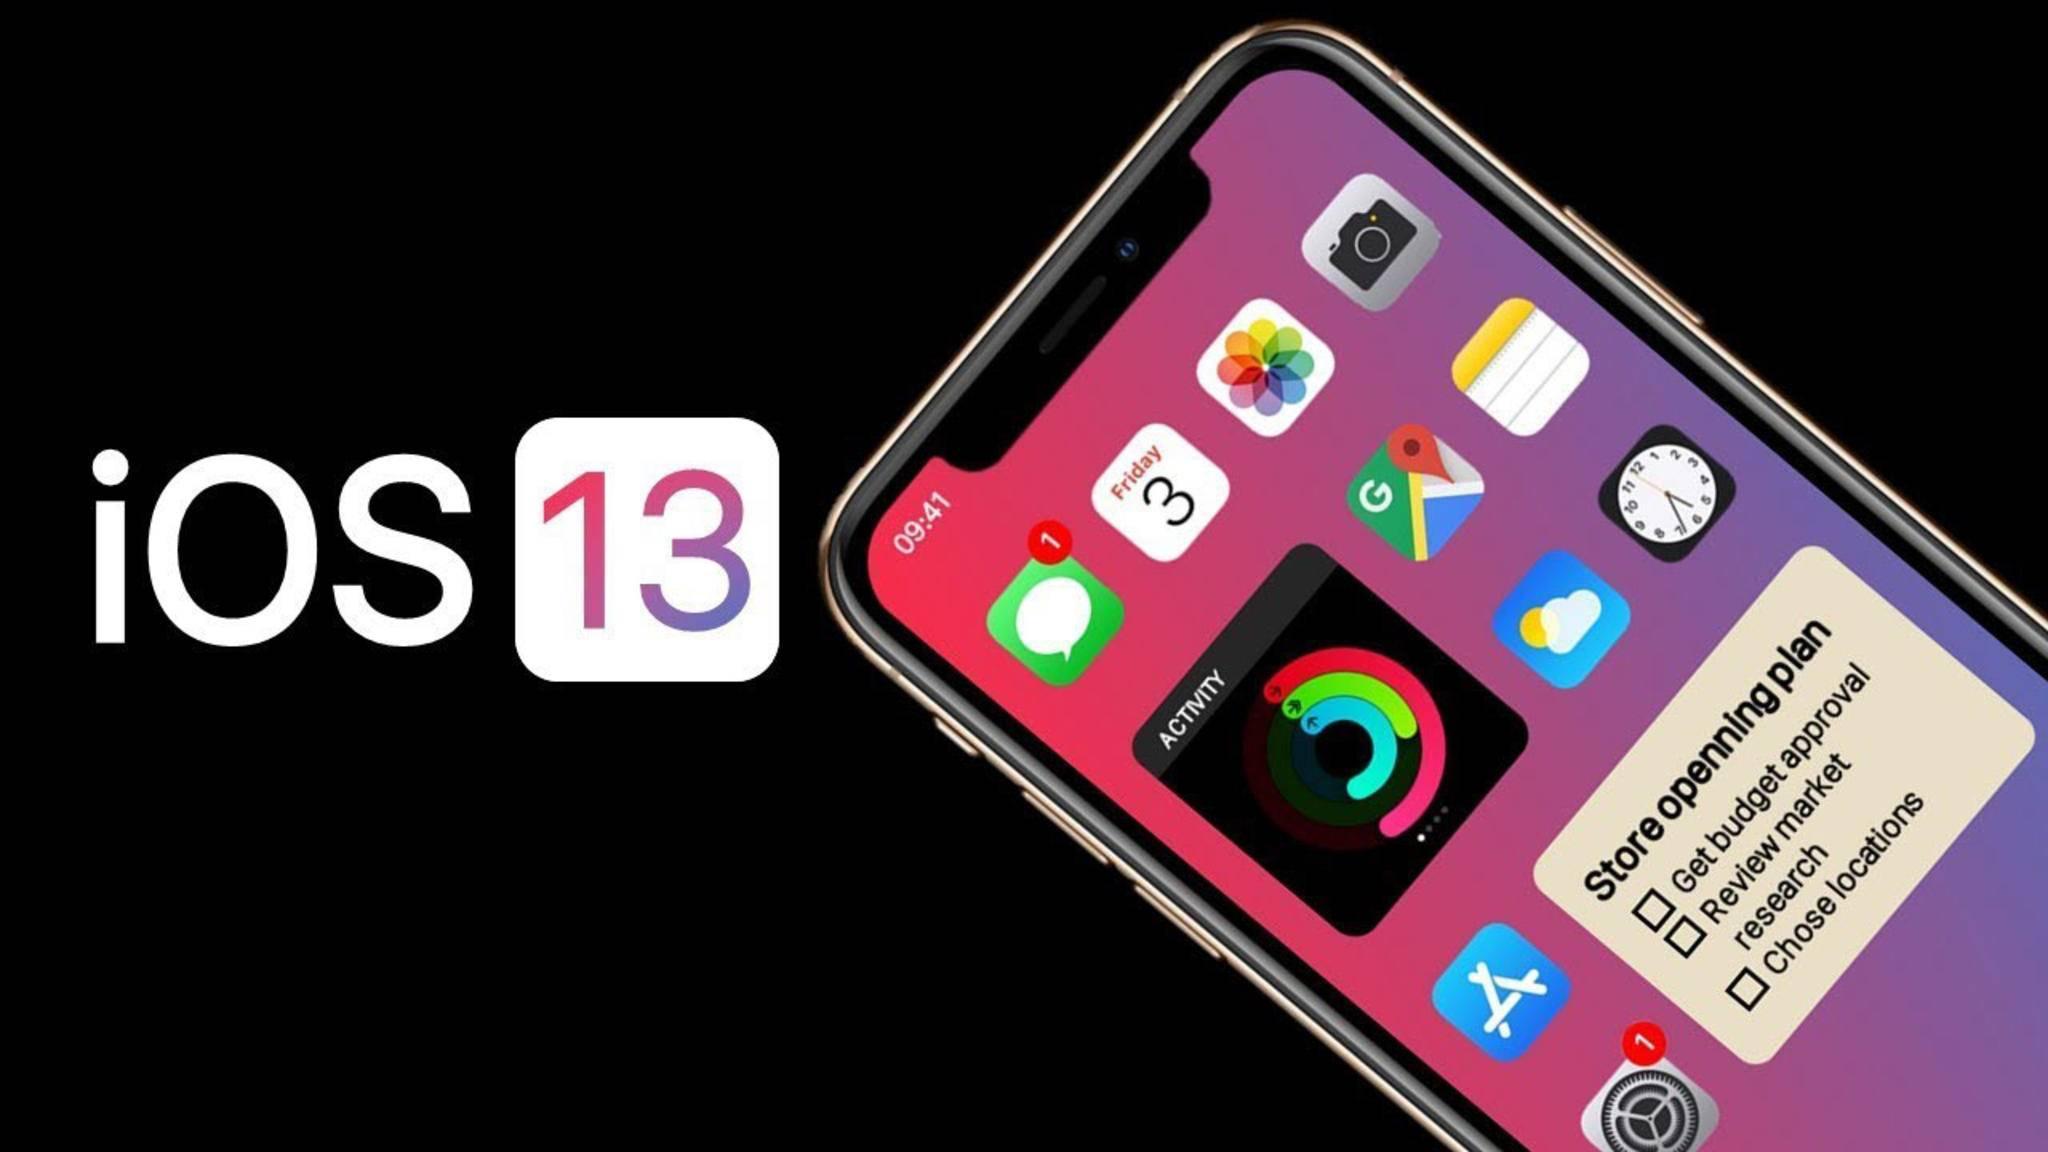 ios13-concept